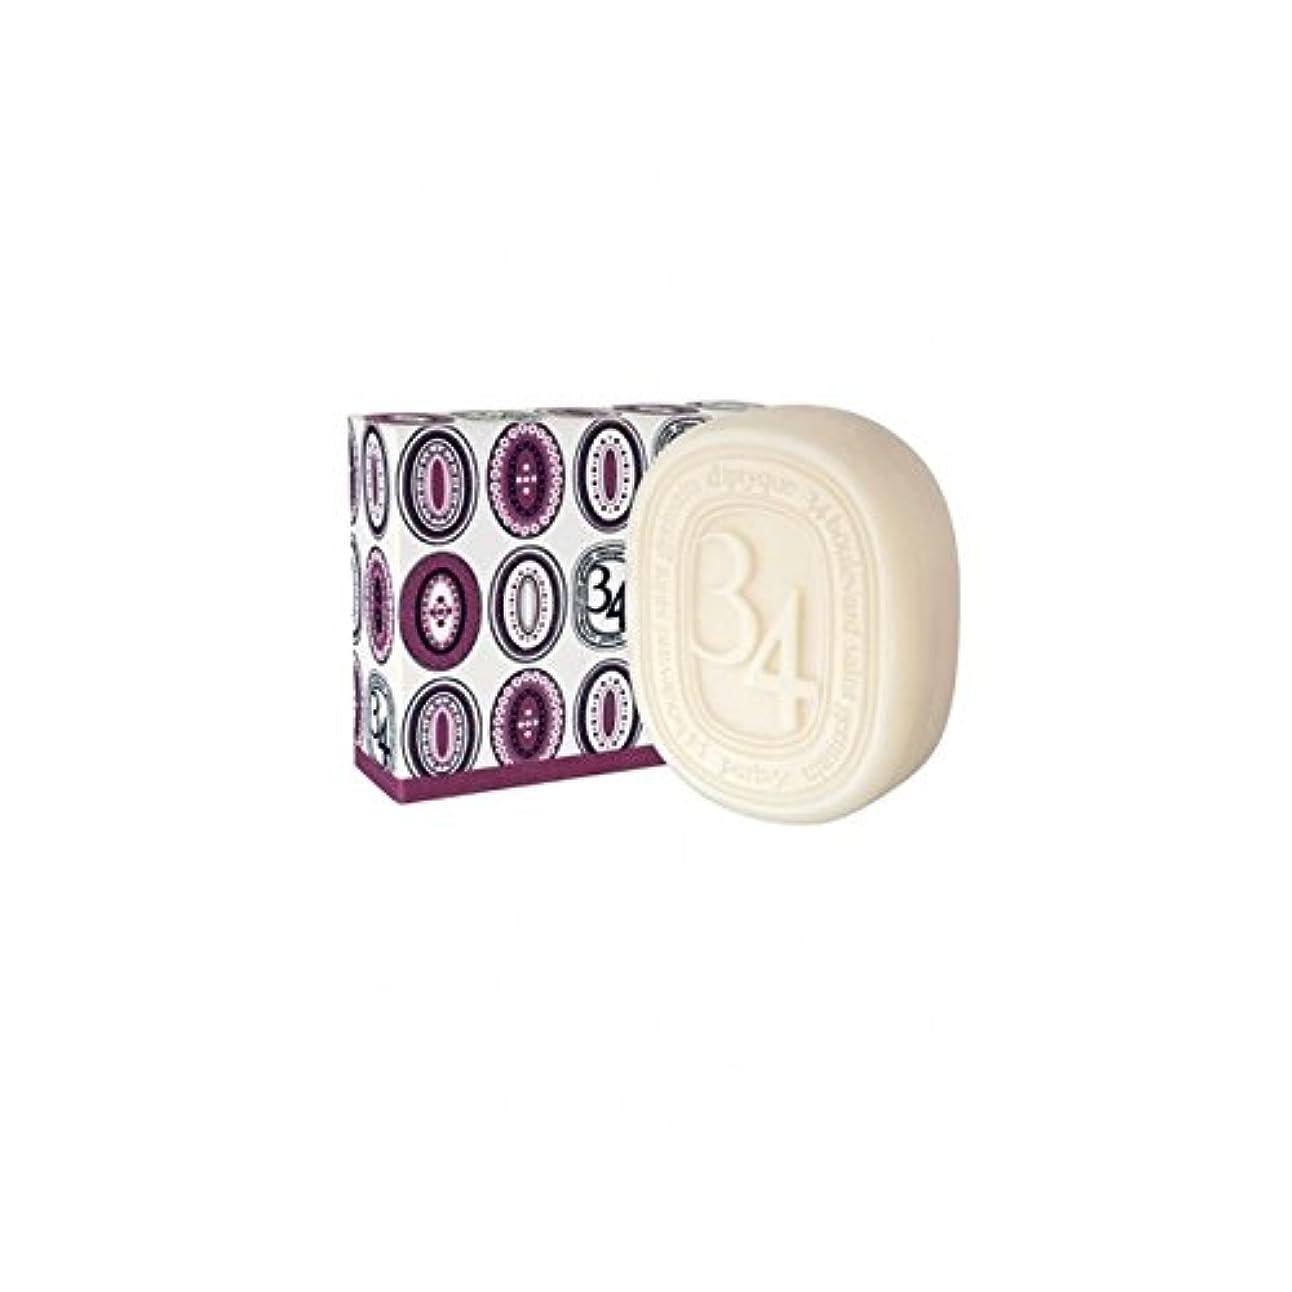 ラテン前置詞悪化させるDiptyque Collection 34 Boulevard Saint Germain Soap 100g (Pack of 2) - Diptyqueコレクション34大通りサンジェルマン石鹸100グラム (x2) [並行輸入品]